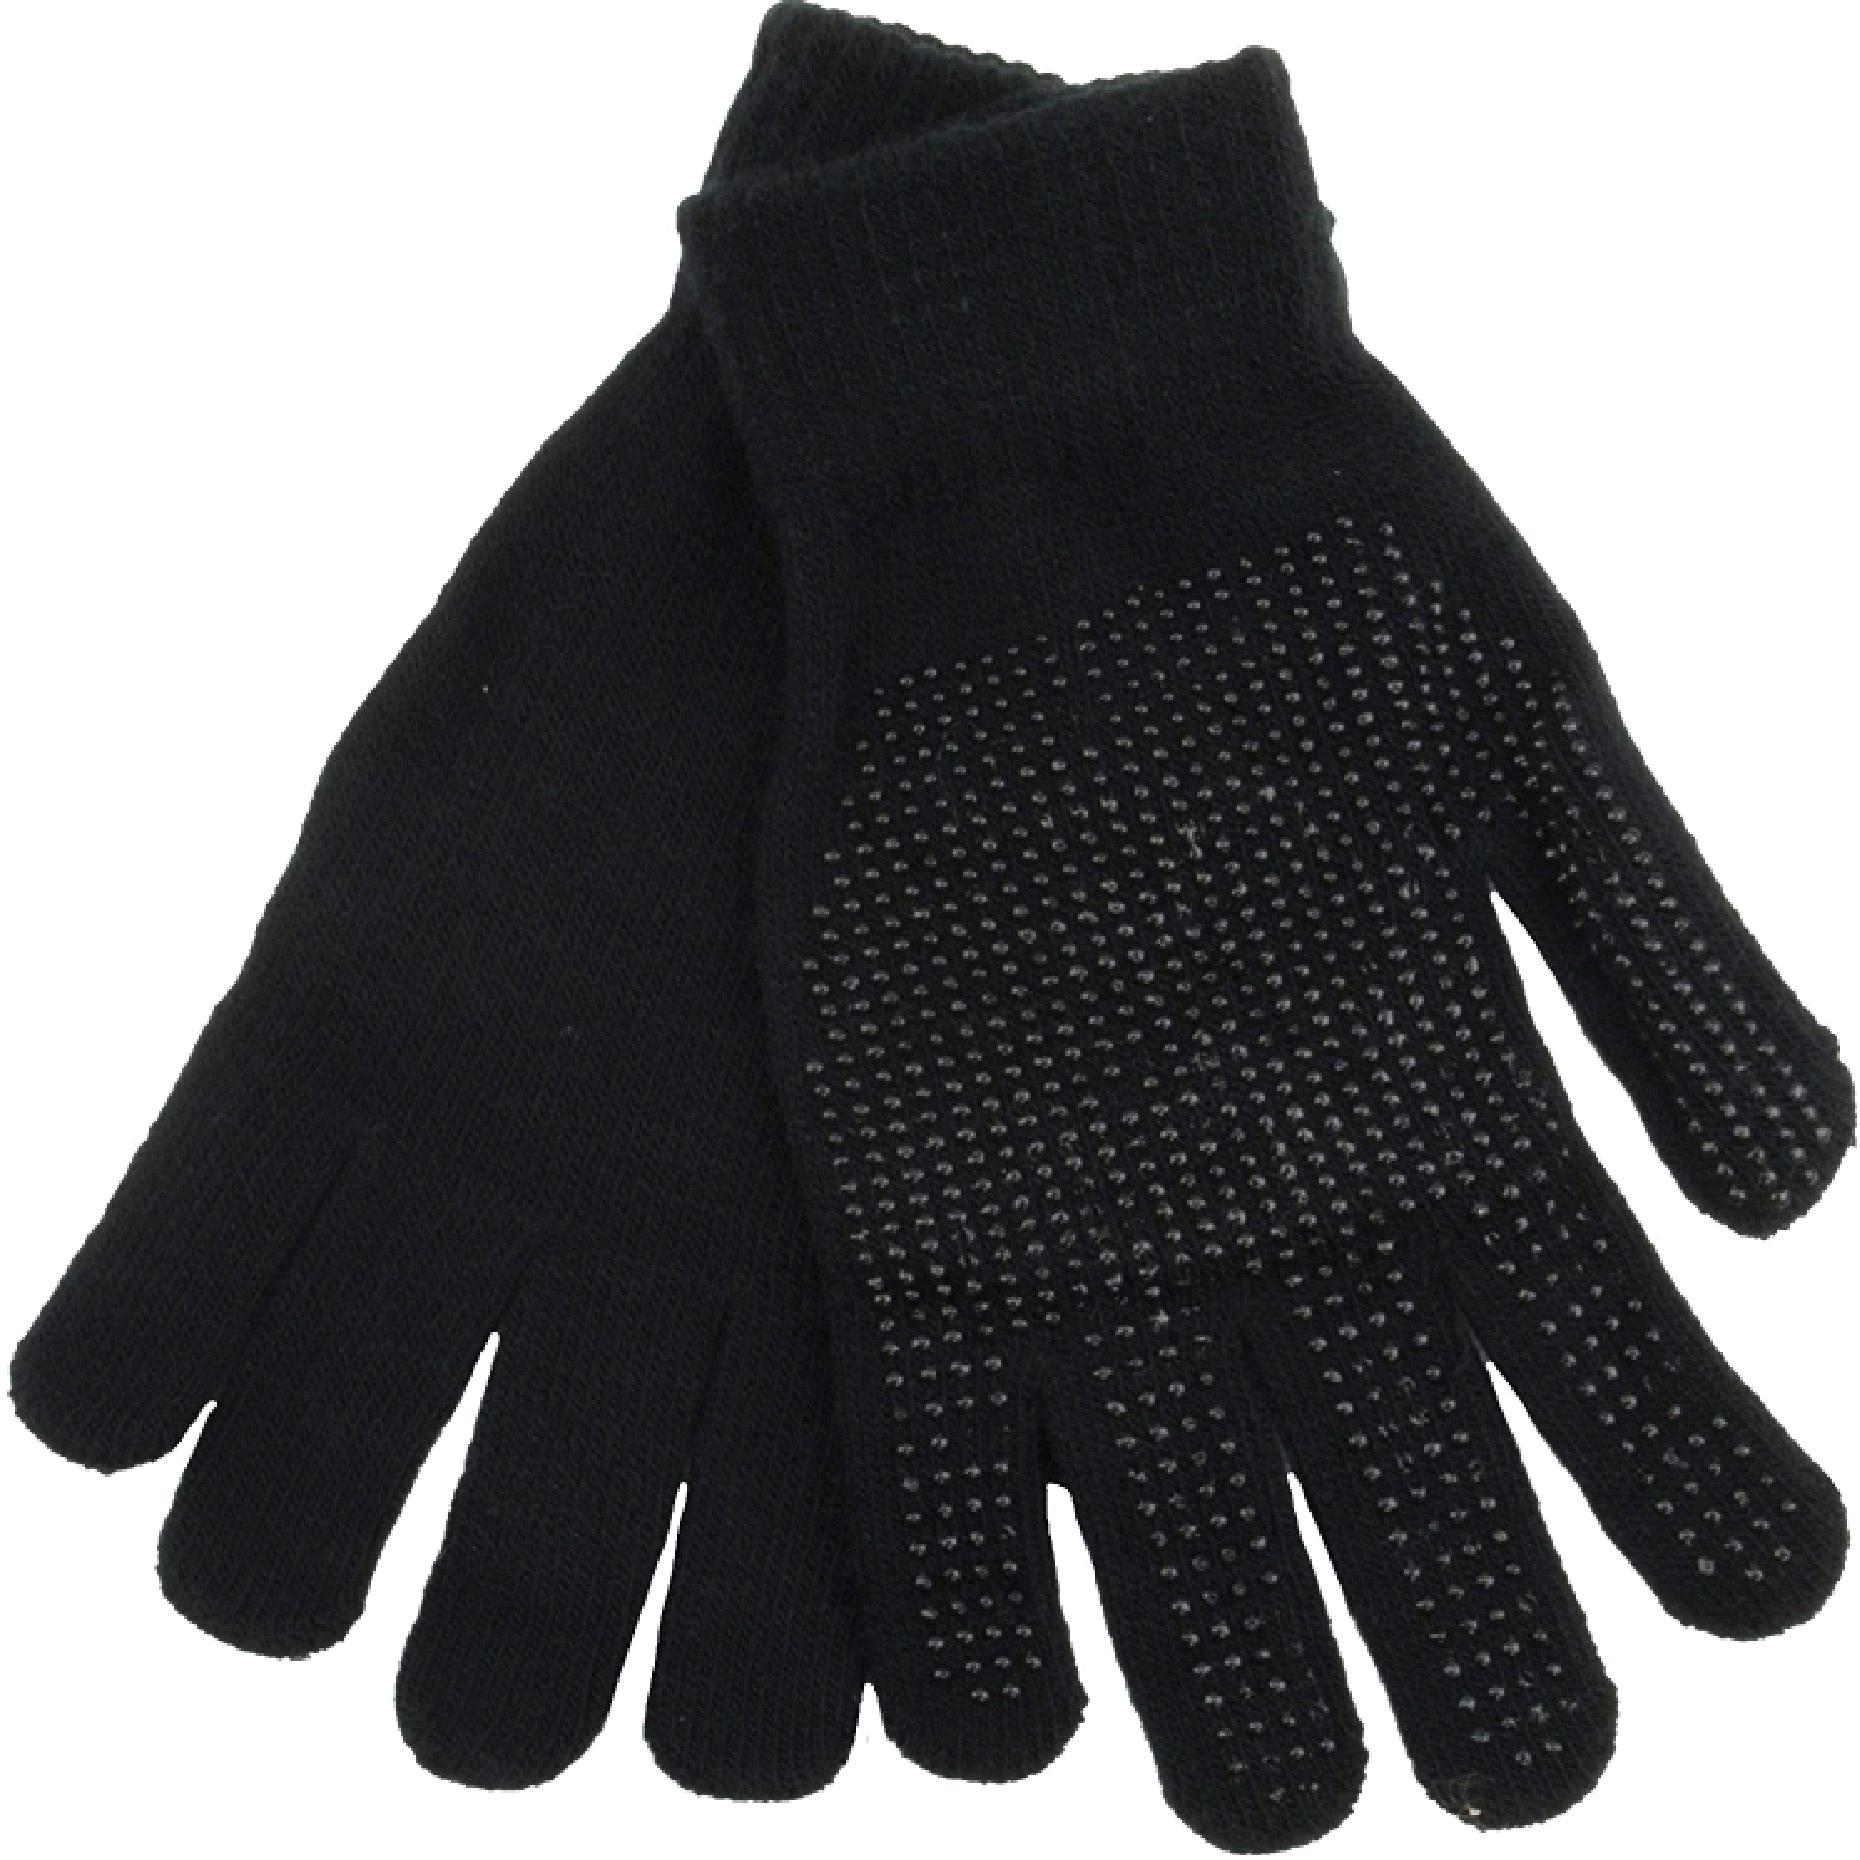 Wool Bobble Gloves